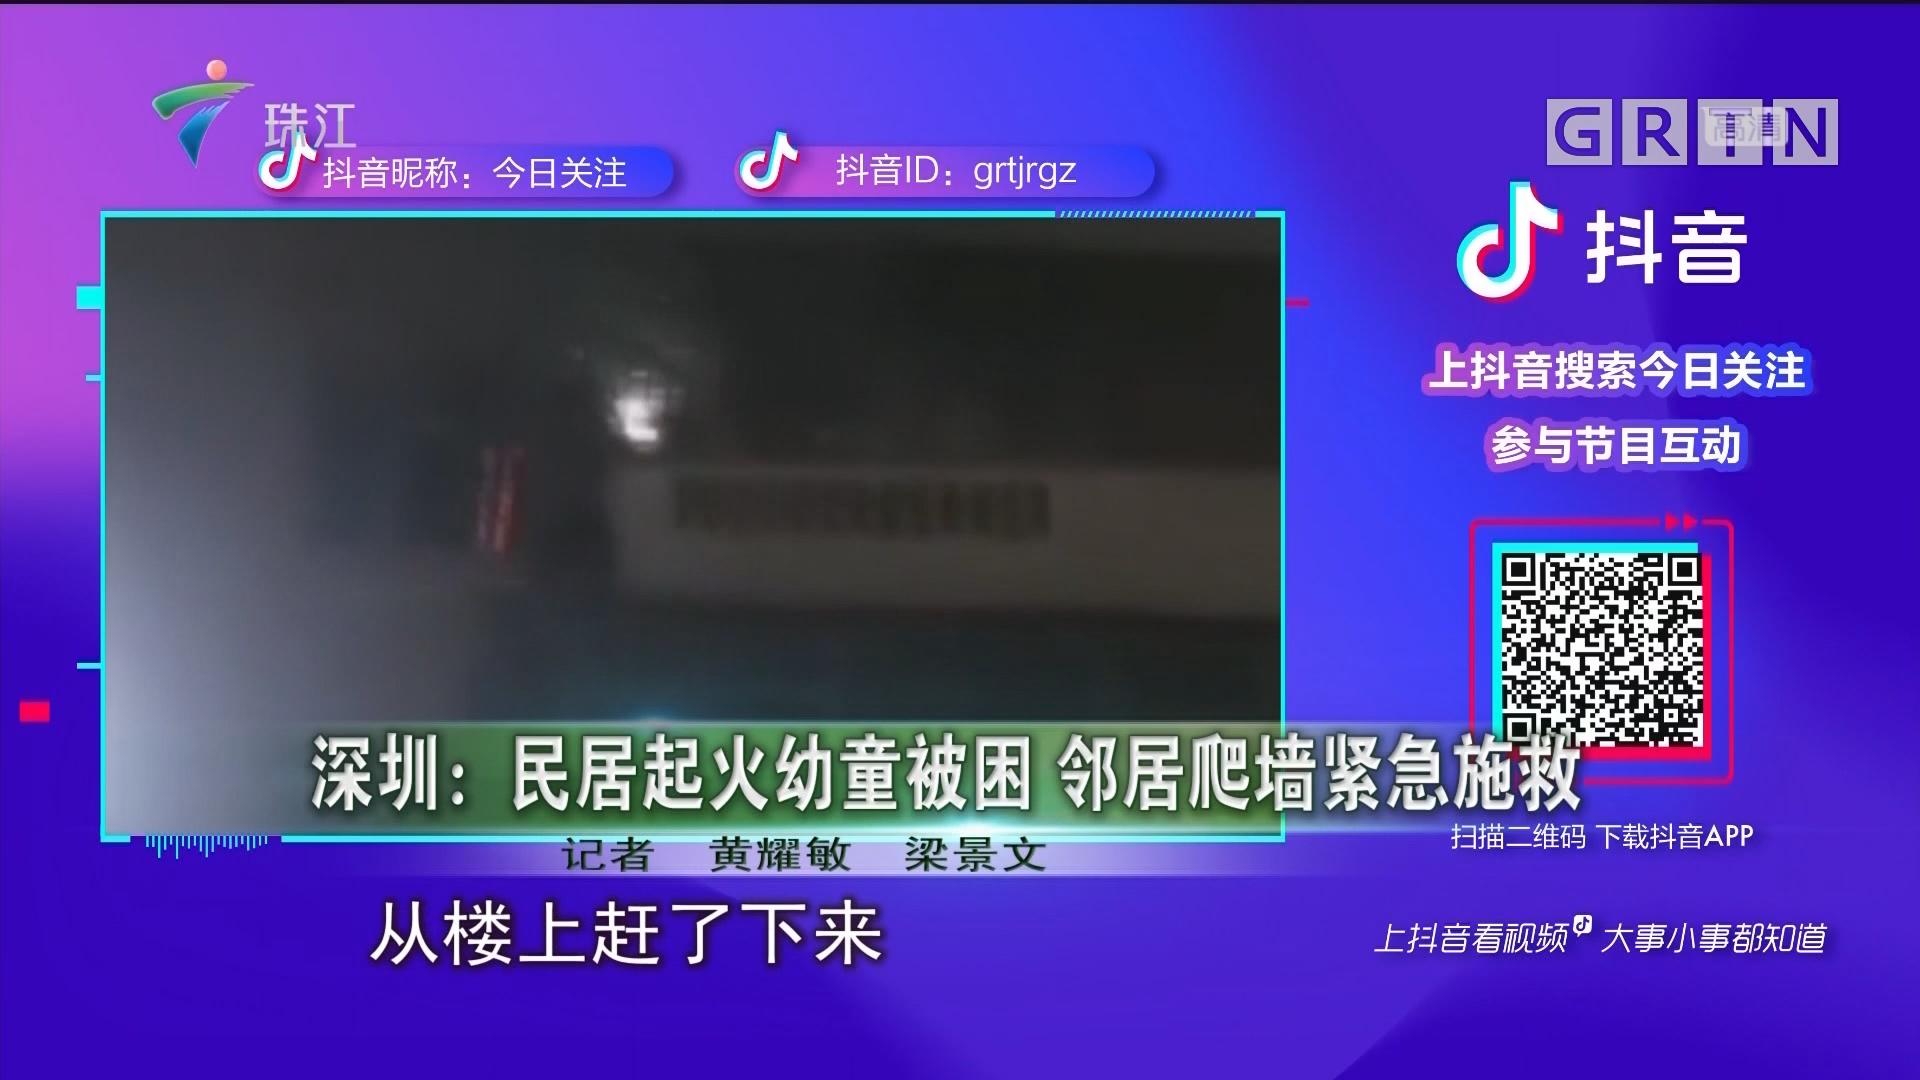 深圳:民居起火幼童被困 邻居爬墙紧急施救